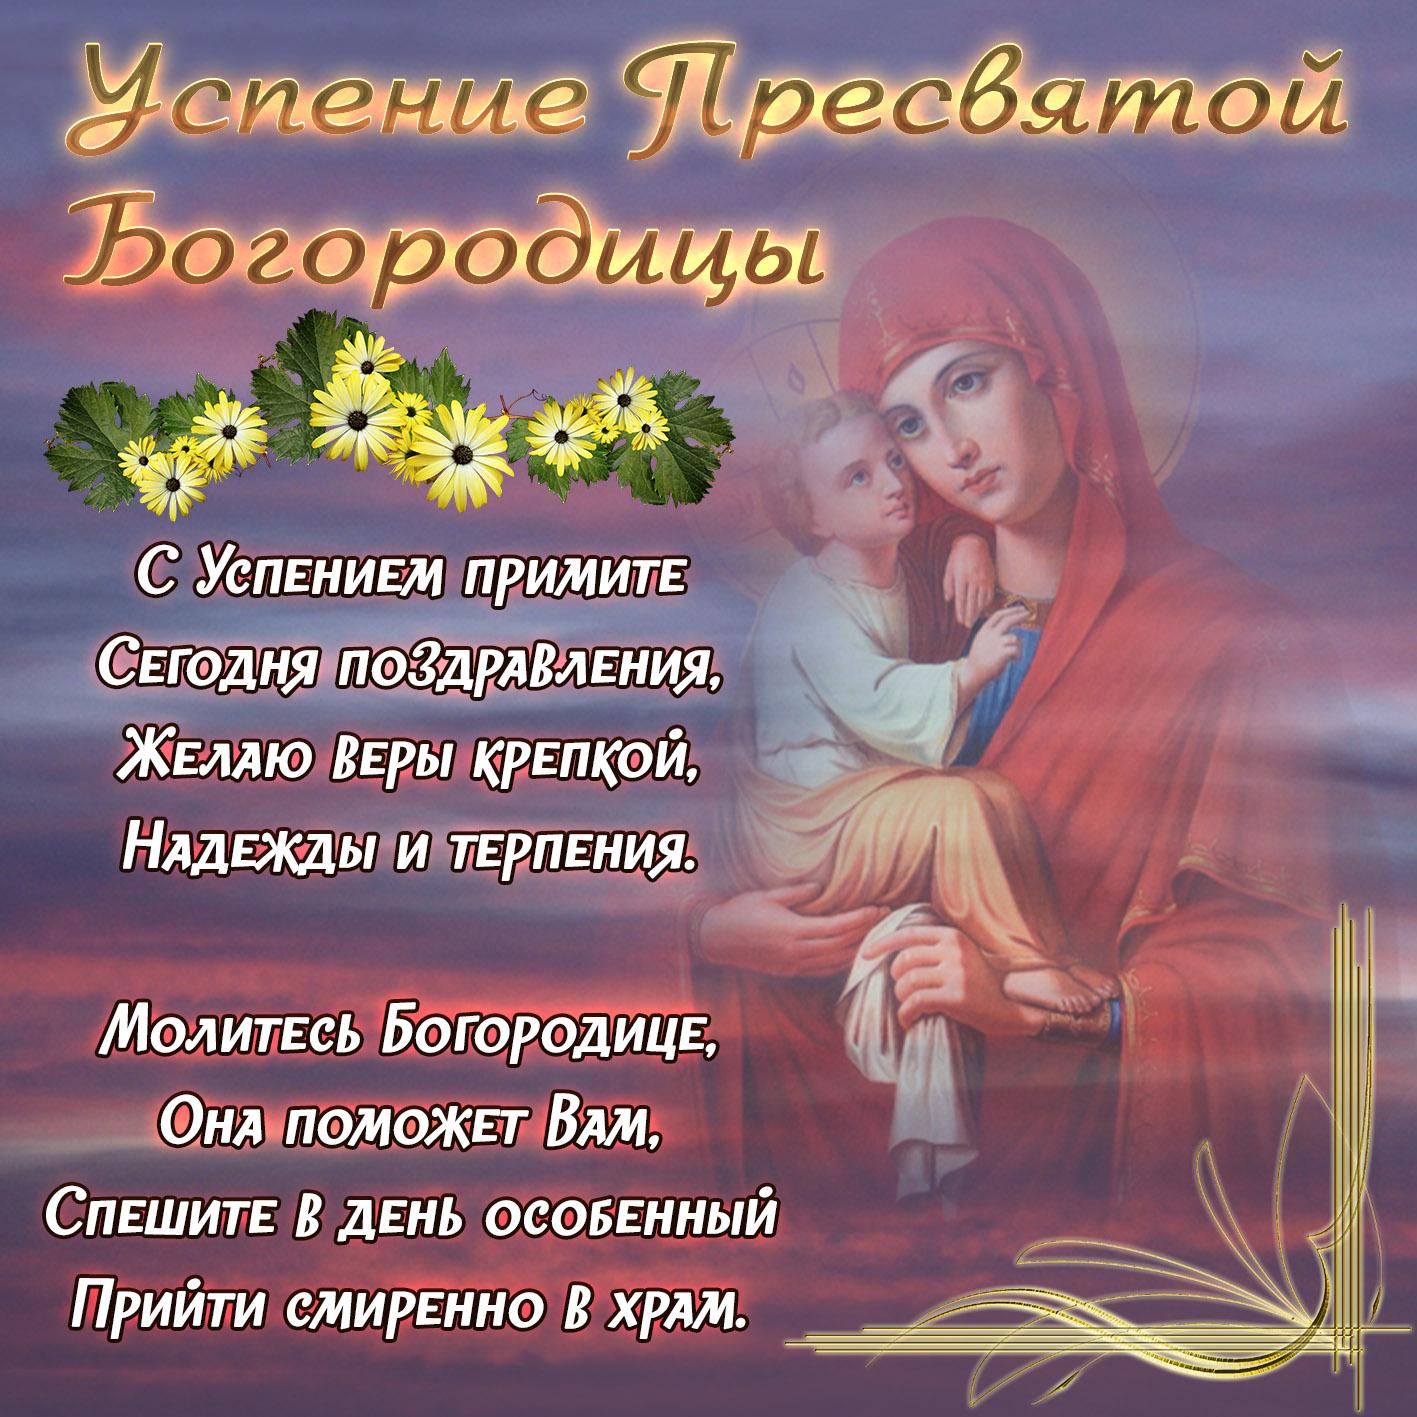 Открытка с днем святой богородицы 28 августа, любимому день